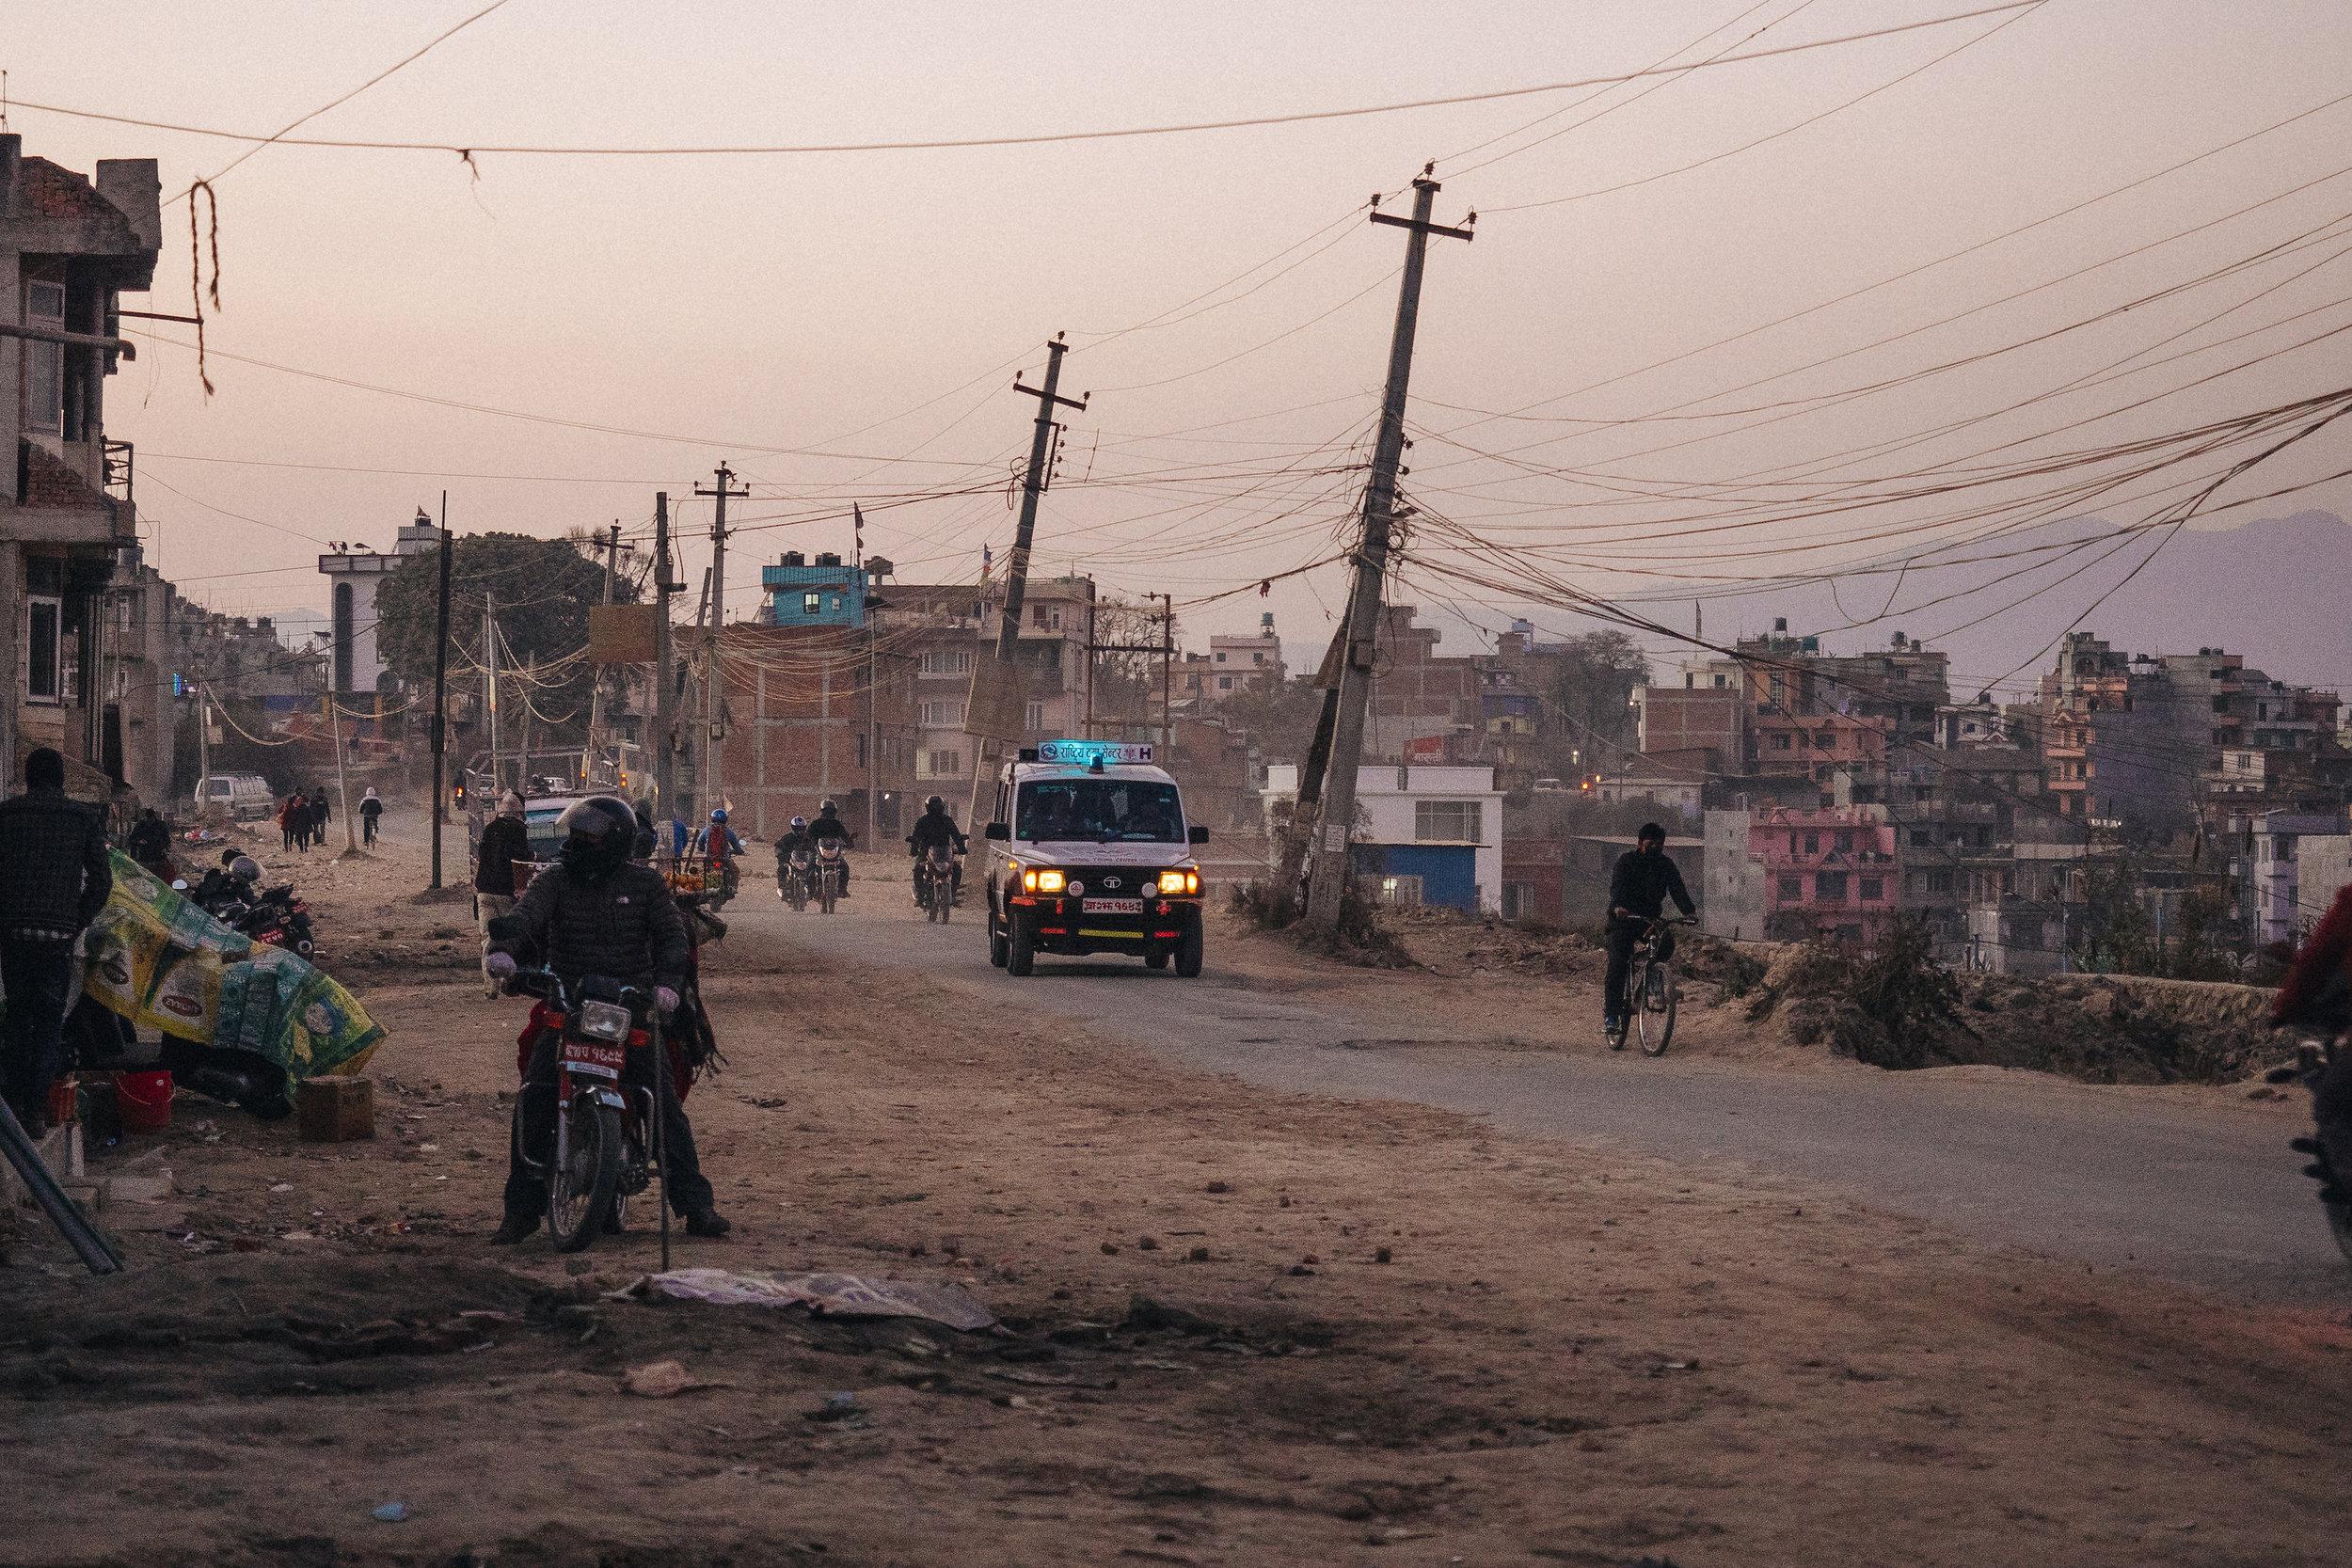 Kathmandu, Nepal - 2018